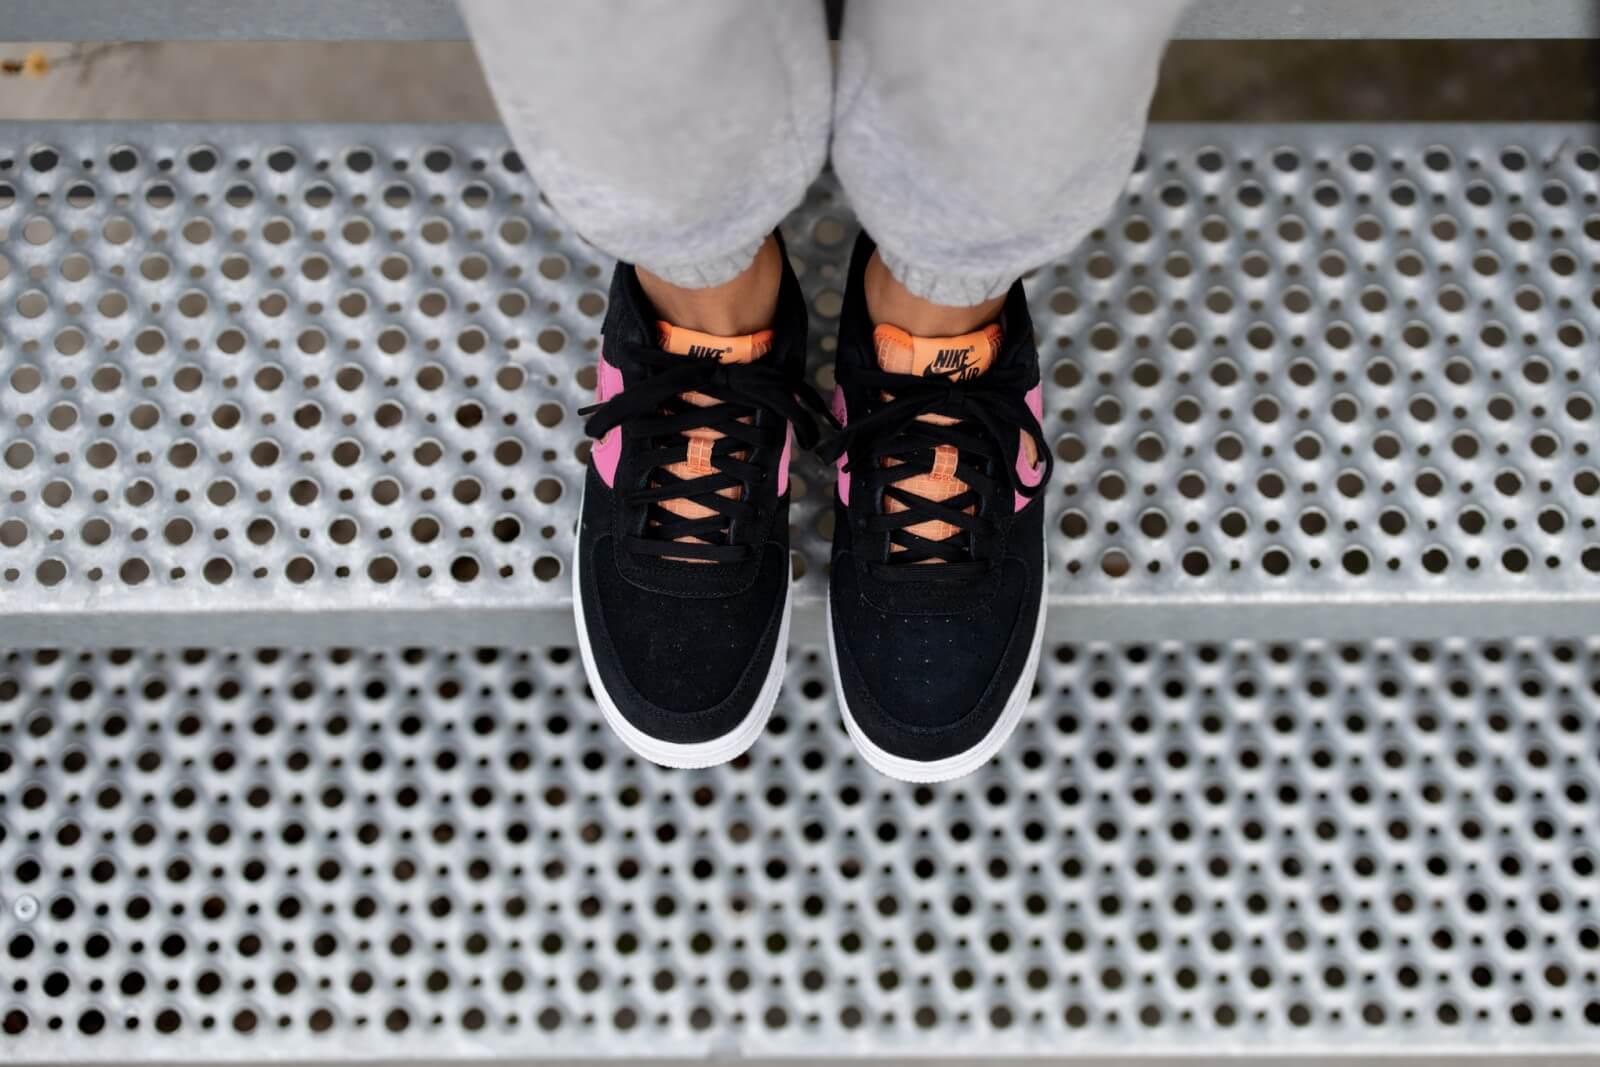 Nike Air force 1 LV8 GS Black/Orange Trance-Lotus Pink